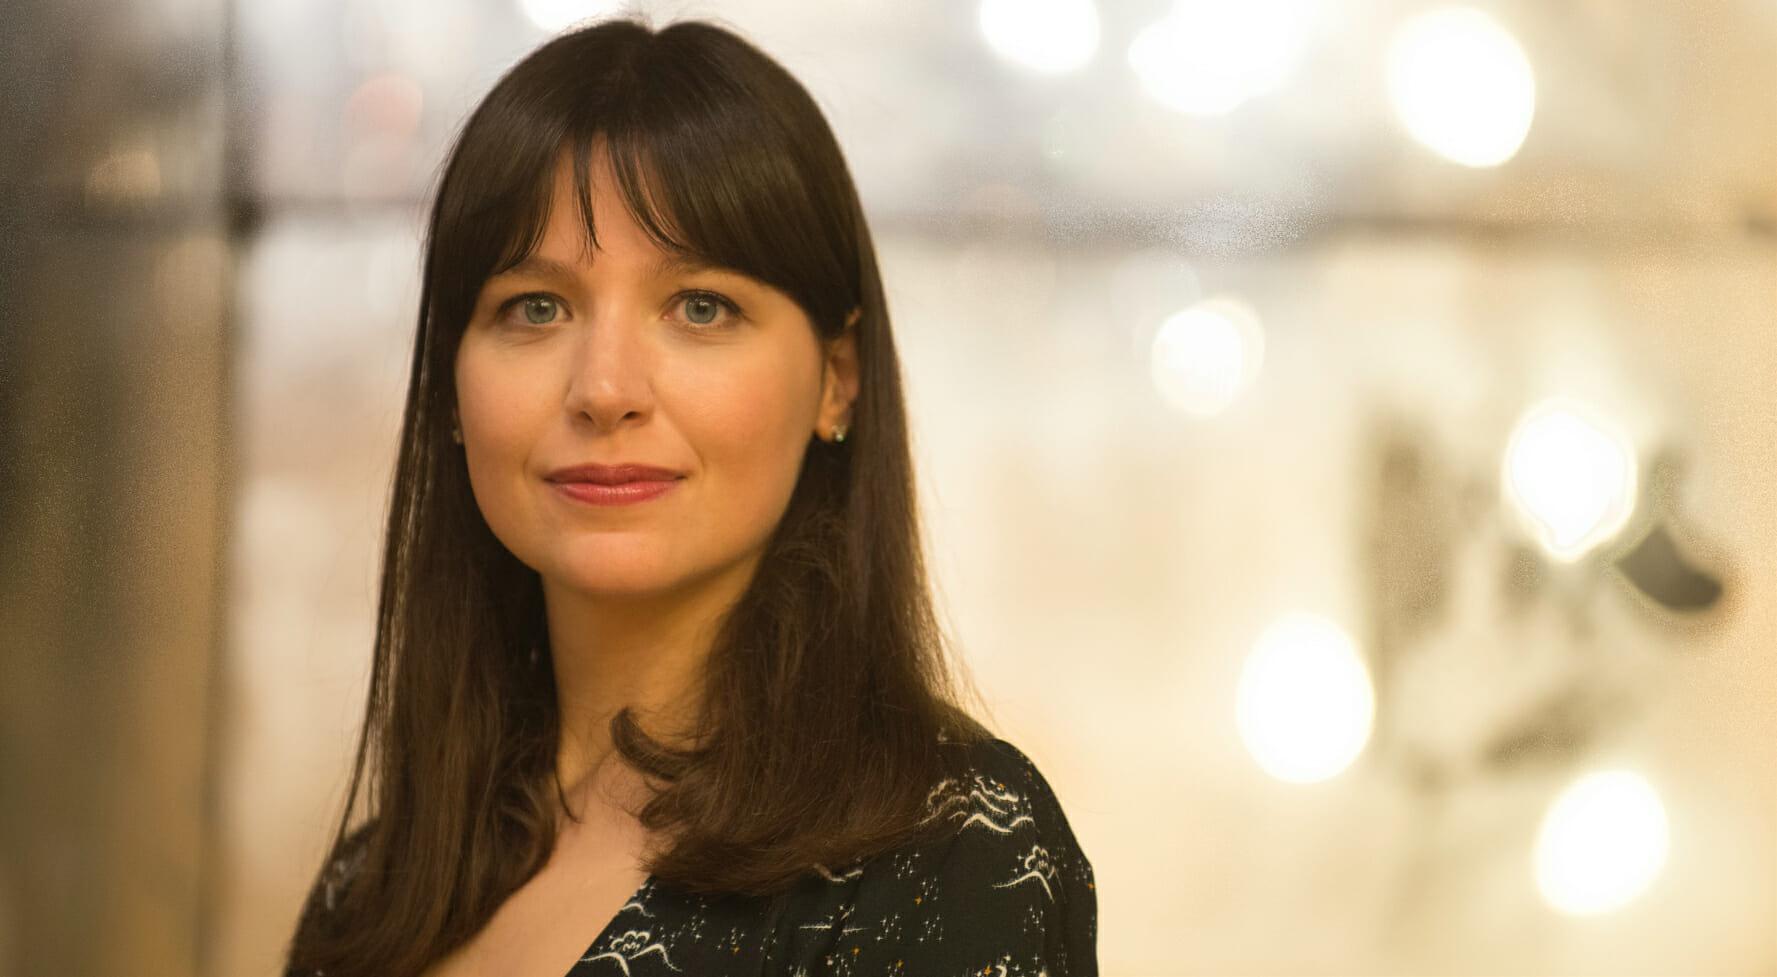 Costanza Macallè, la nuova (dolcissima) protagonista di Alessia Gazzola